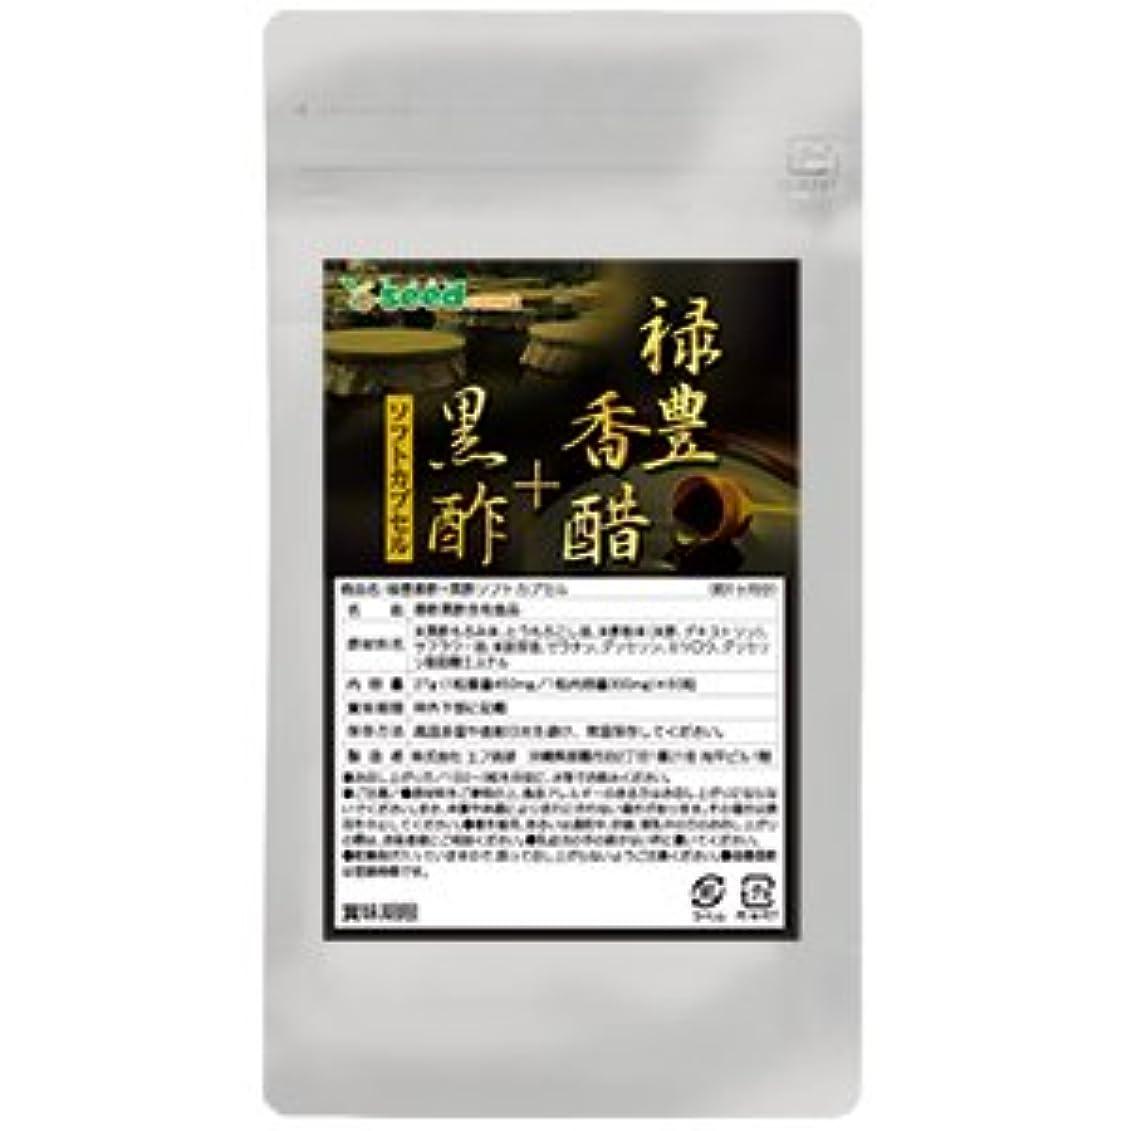 肘相反する鳥禄豊 香酢 + 黒酢 ソフトカプセル (約3ヶ月分/180粒)